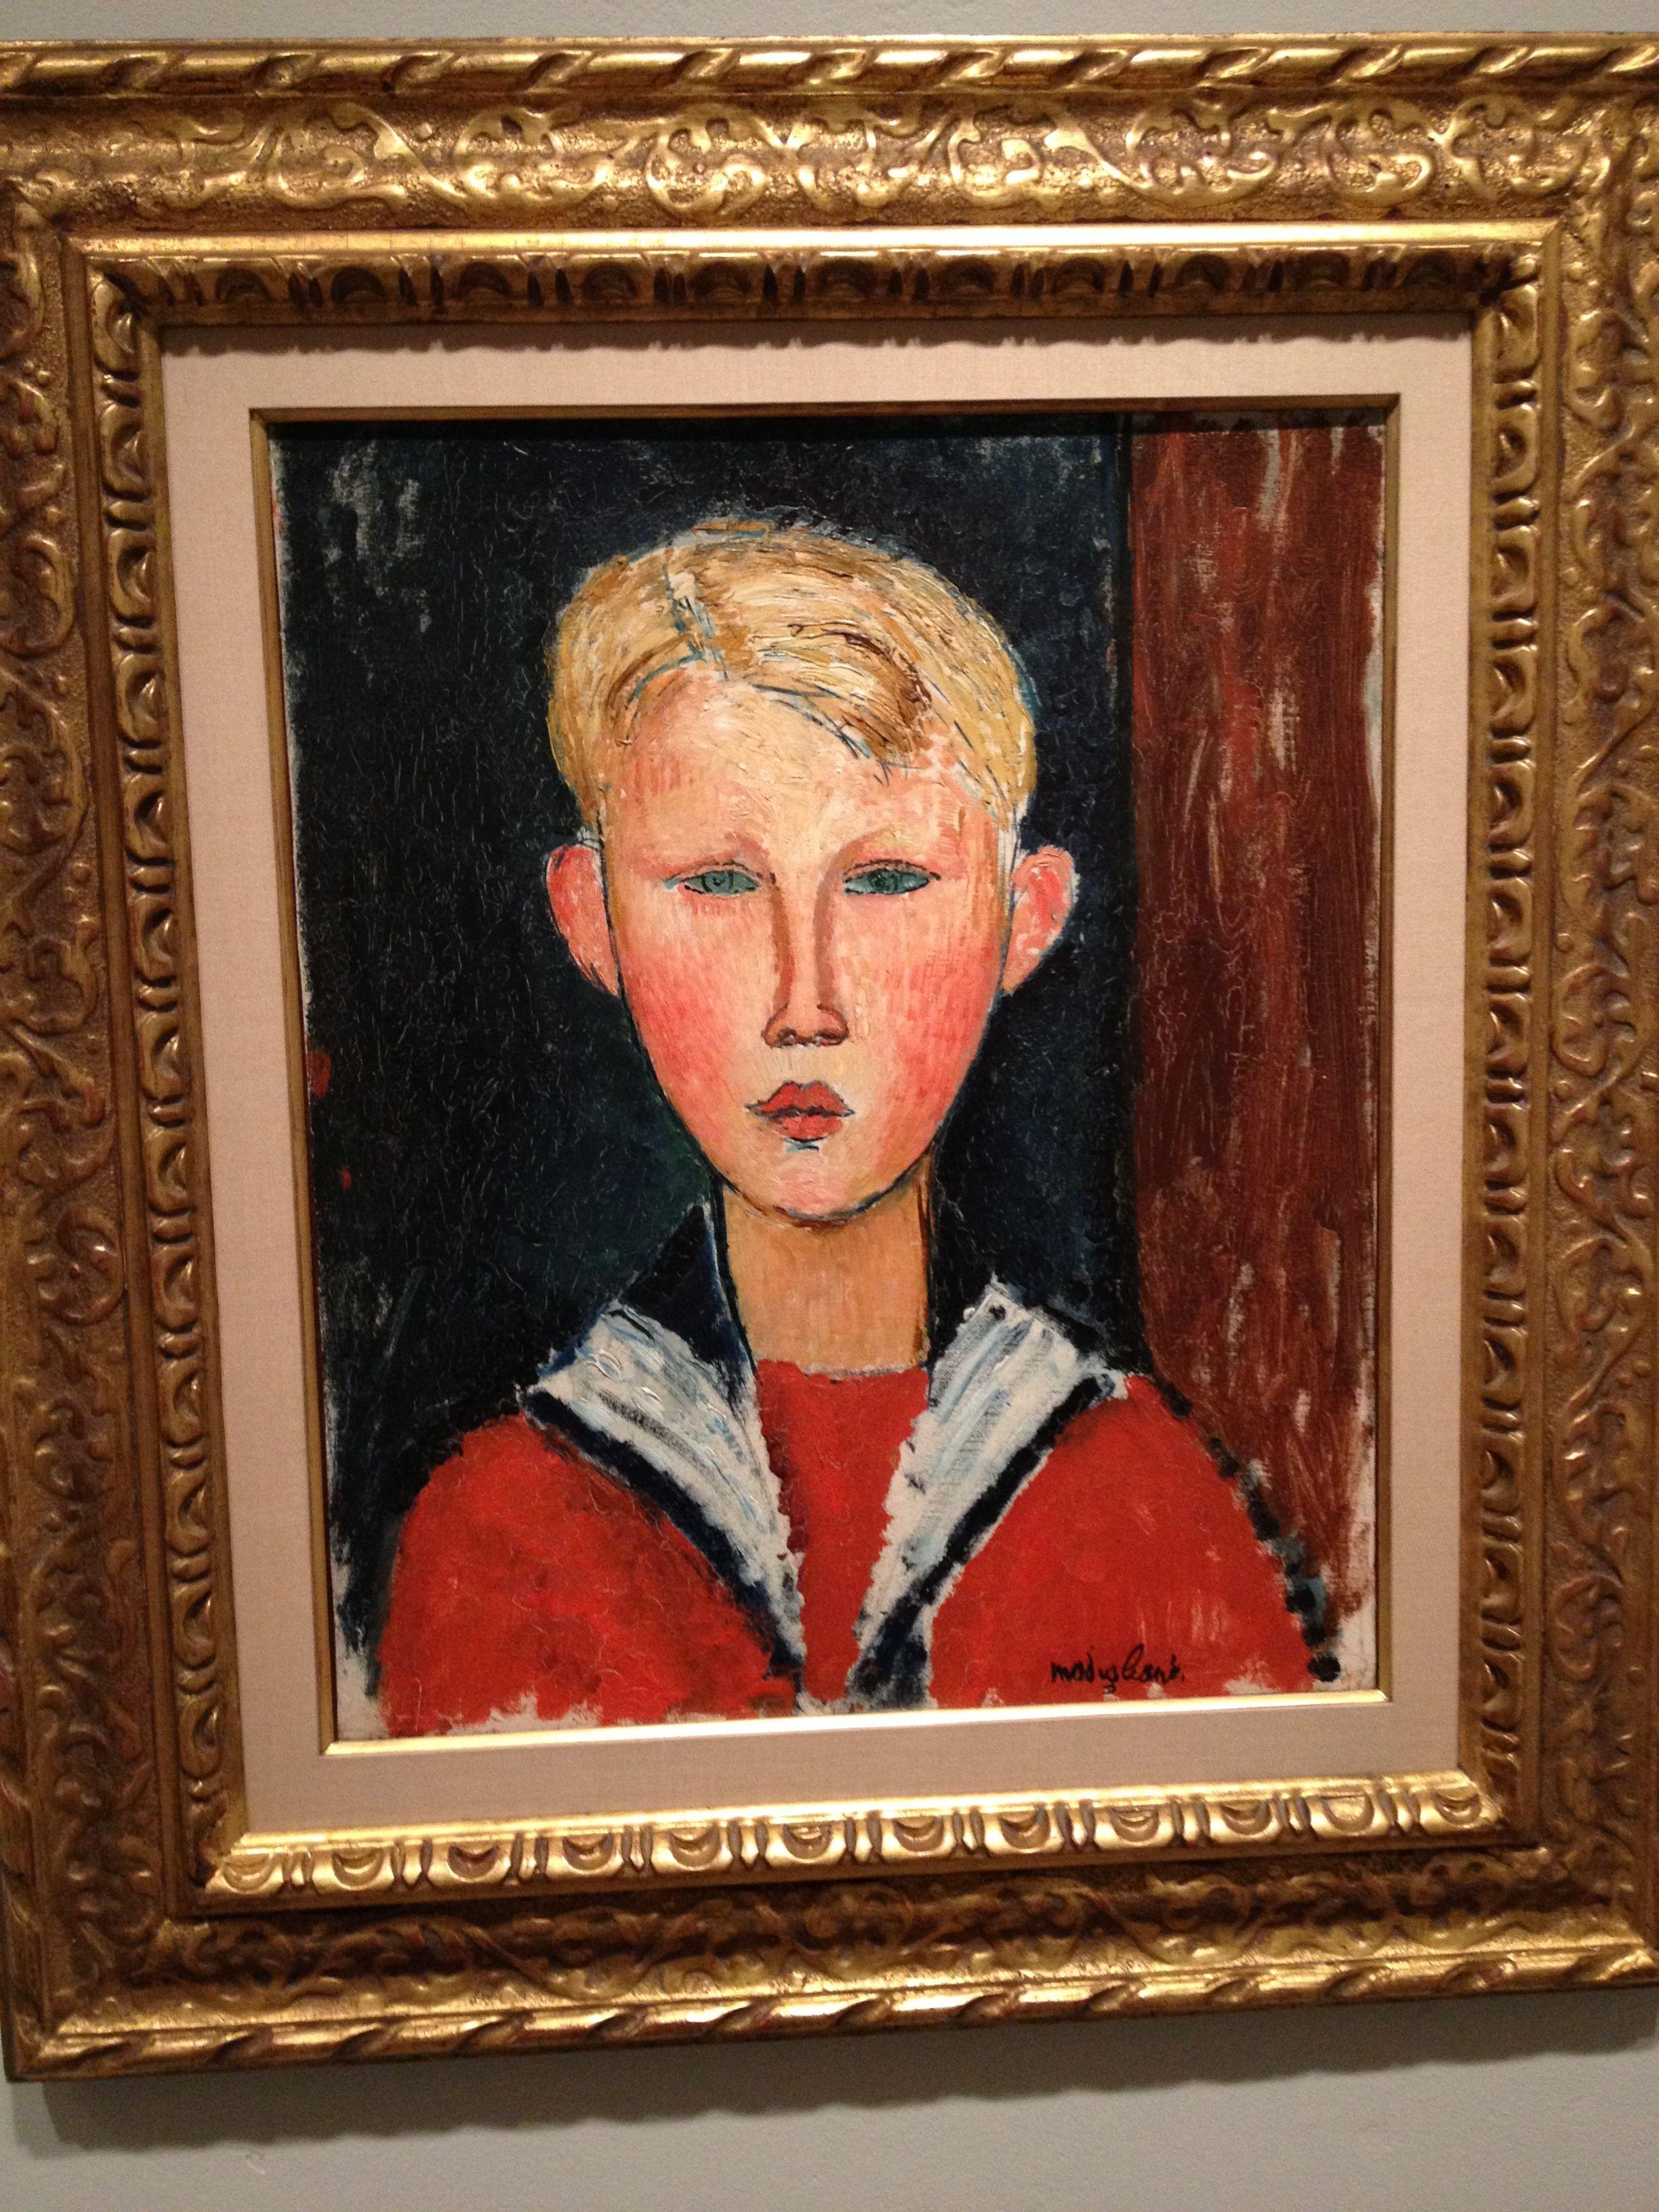 The Blue Eyed Boy by Modigliani.